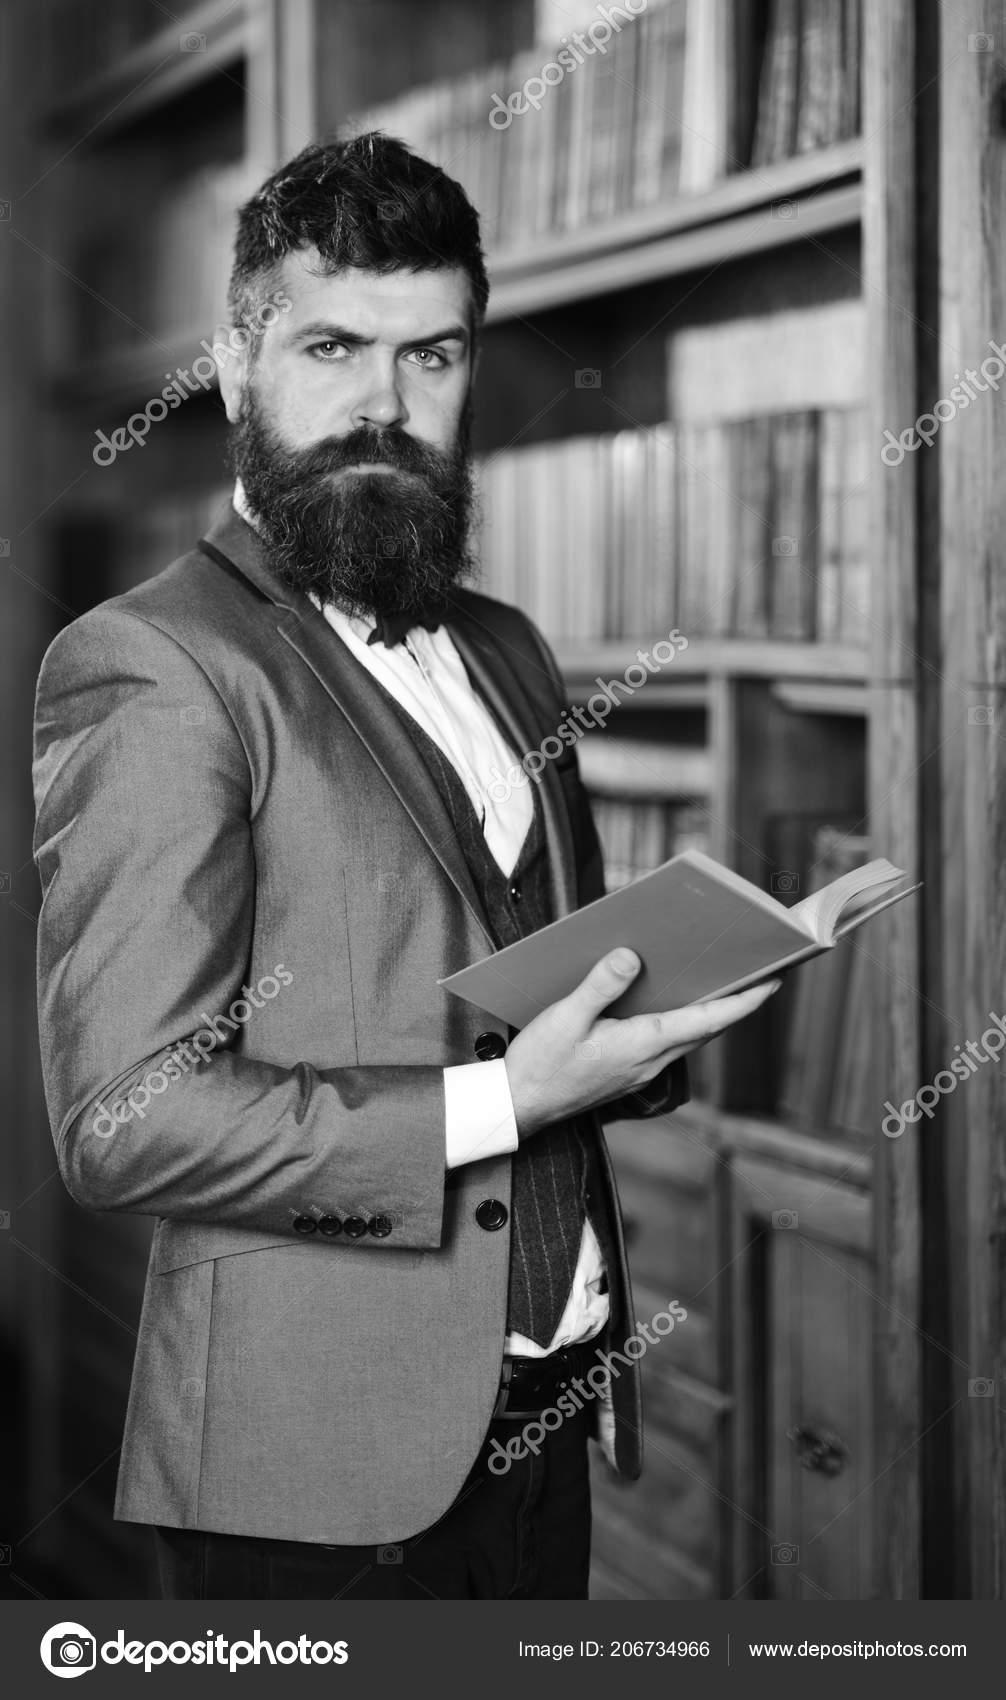 0e6c94f38 Homem maduro com cara confiante e barba longa. Confiança, sucesso,  educação, pesquisa